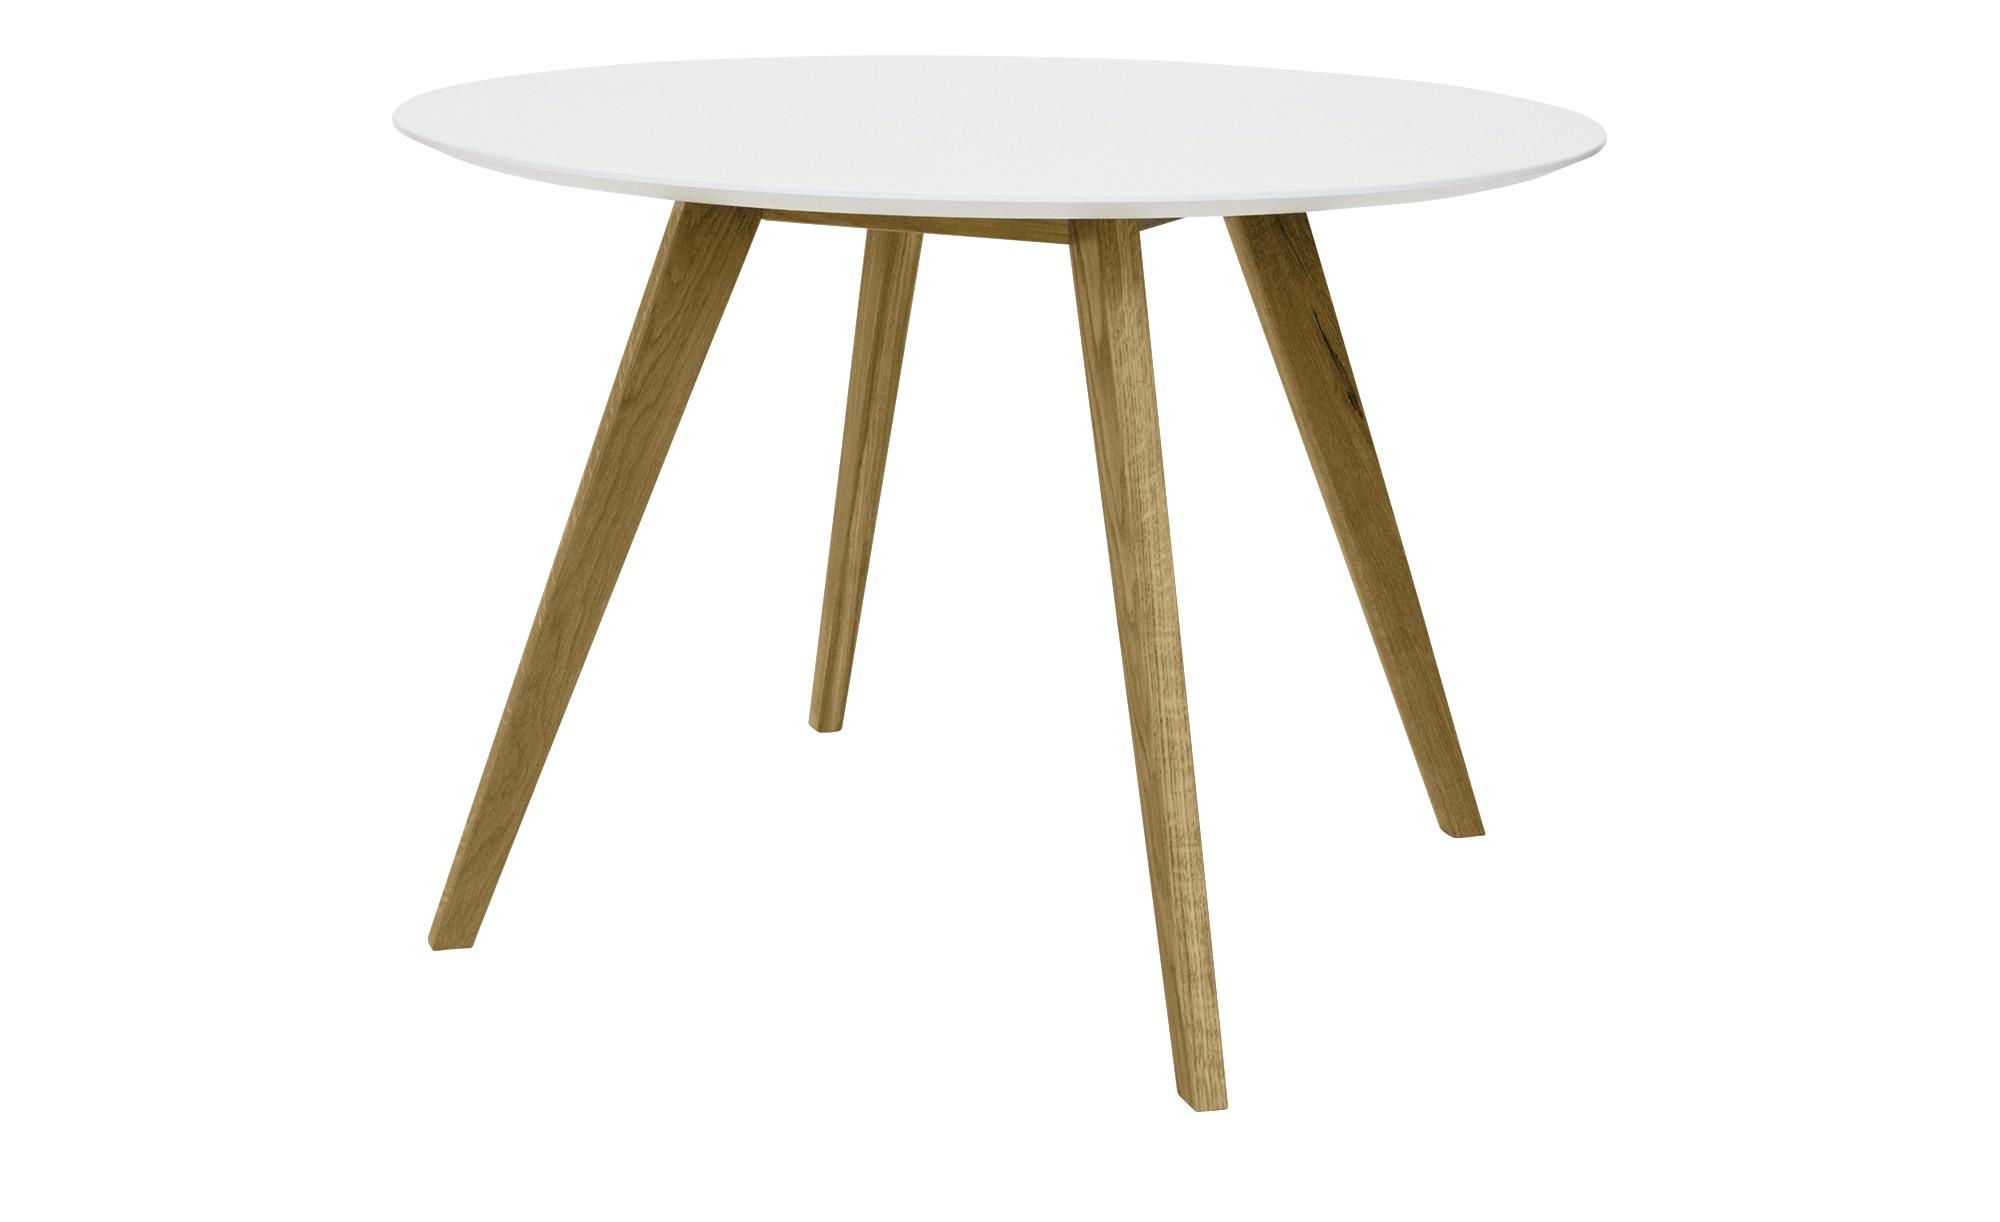 Esstisch  Jesper ¦ mehrfarbig ¦ Maße (cm): H: 75 Ø: 110 Tische > Esstische > Esstische rund - Höffner